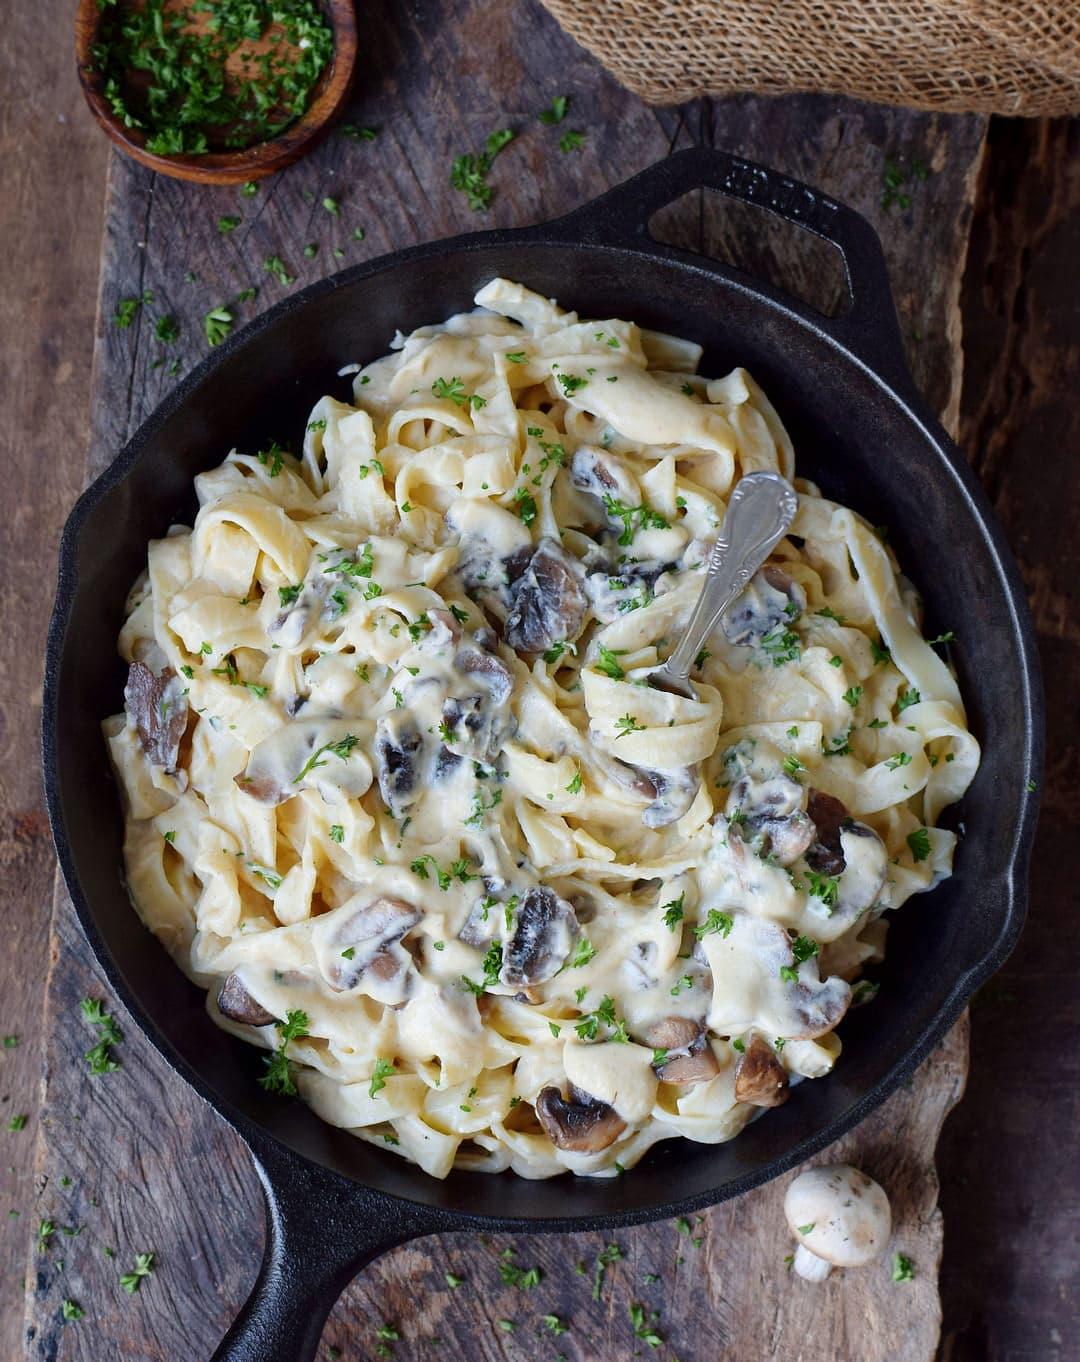 Cremige Alfredo Soße auf Pasta (Fettuccine)